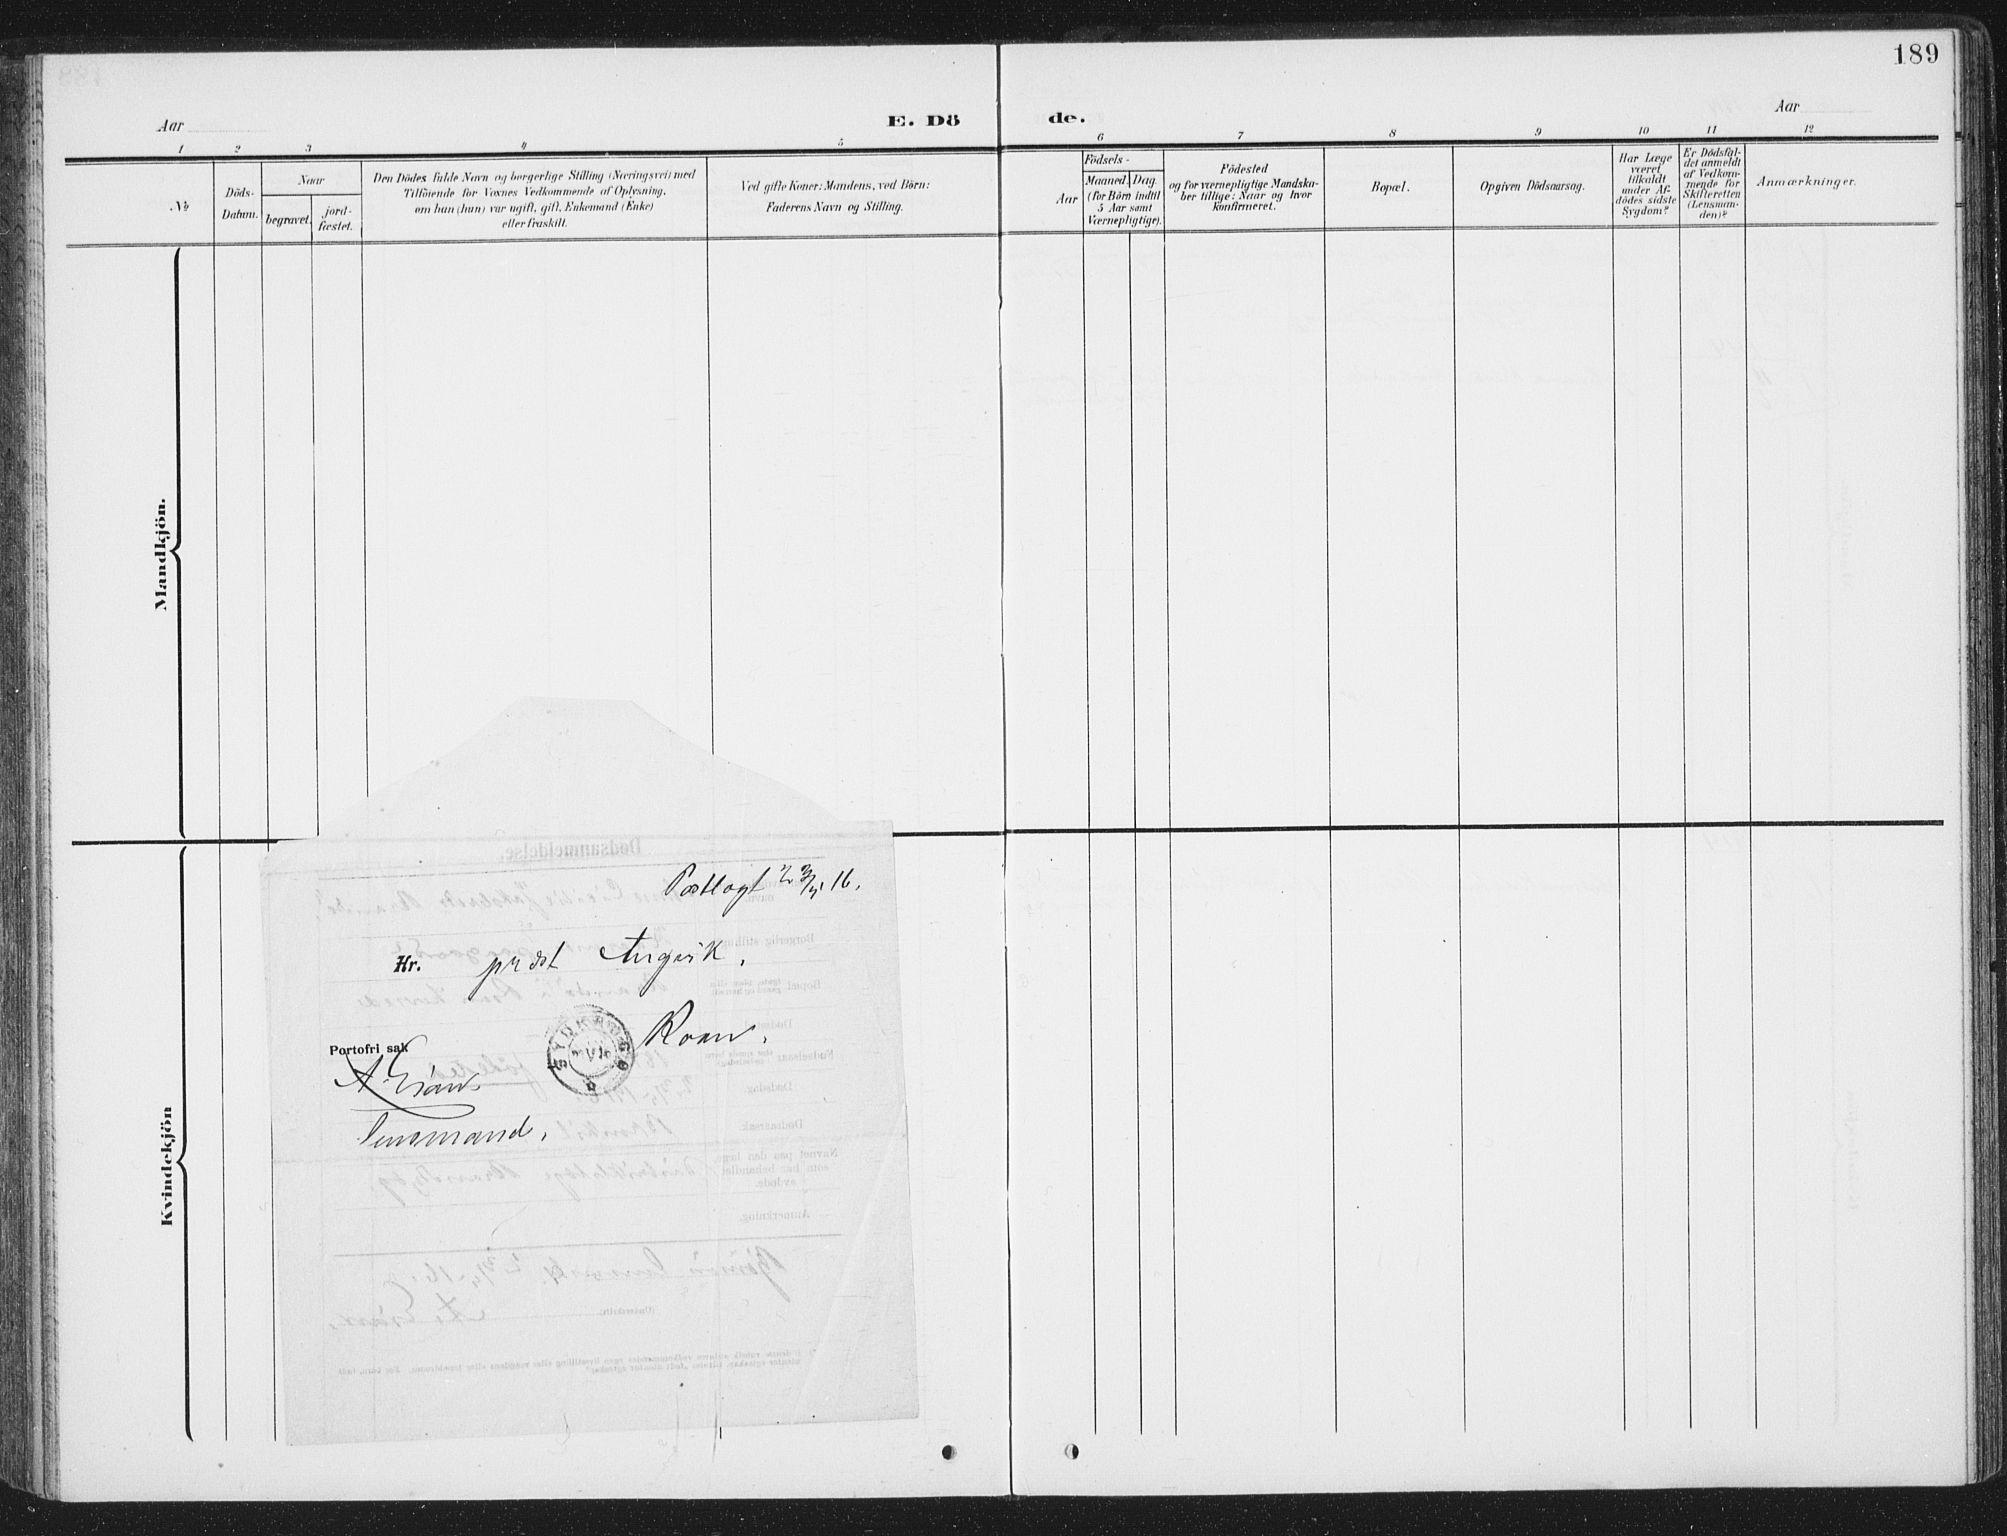 SAT, Ministerialprotokoller, klokkerbøker og fødselsregistre - Sør-Trøndelag, 657/L0709: Ministerialbok nr. 657A10, 1905-1919, s. 189